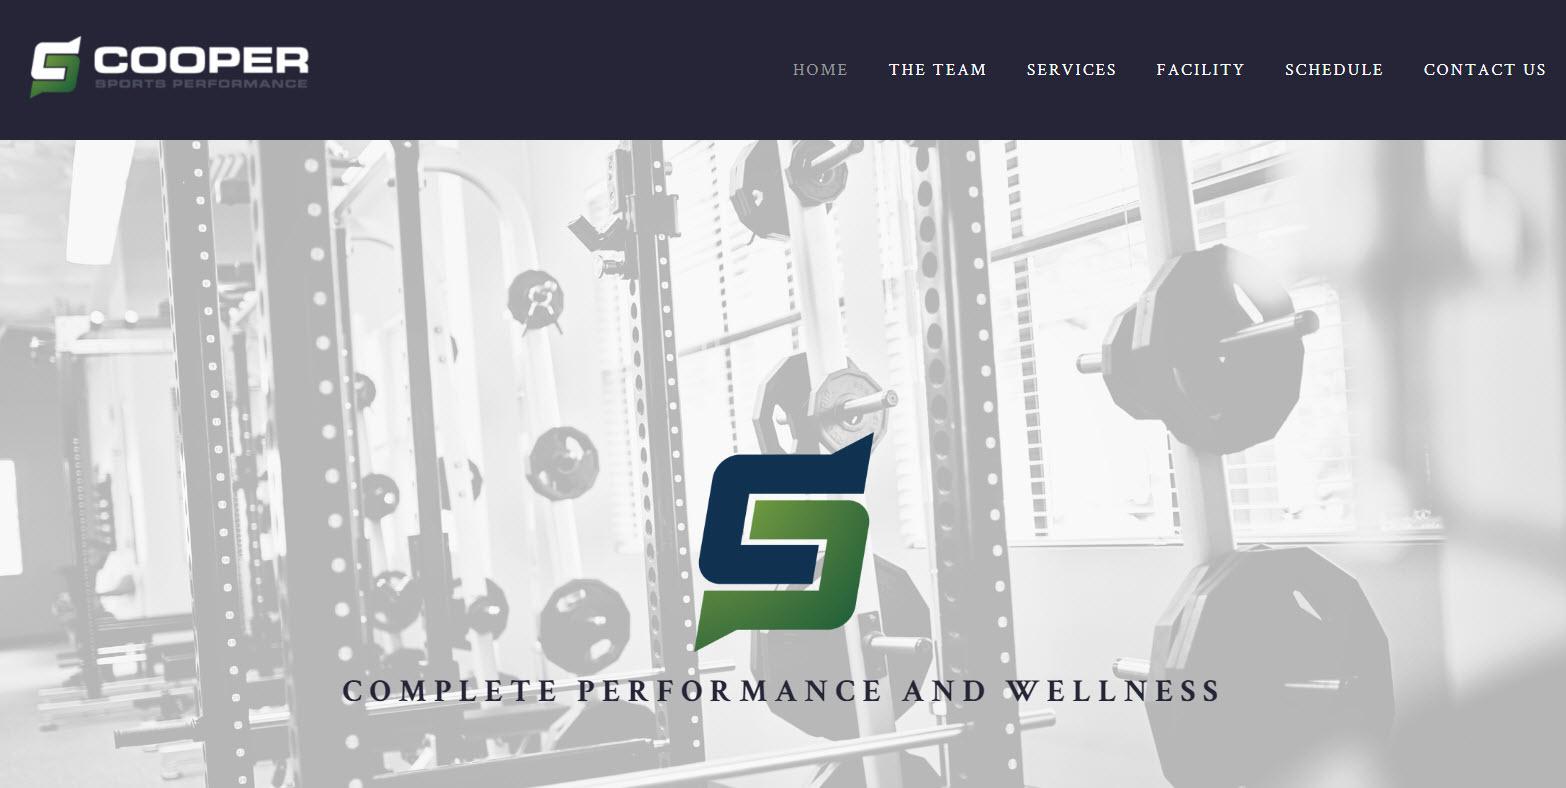 coopersportsperformance.com